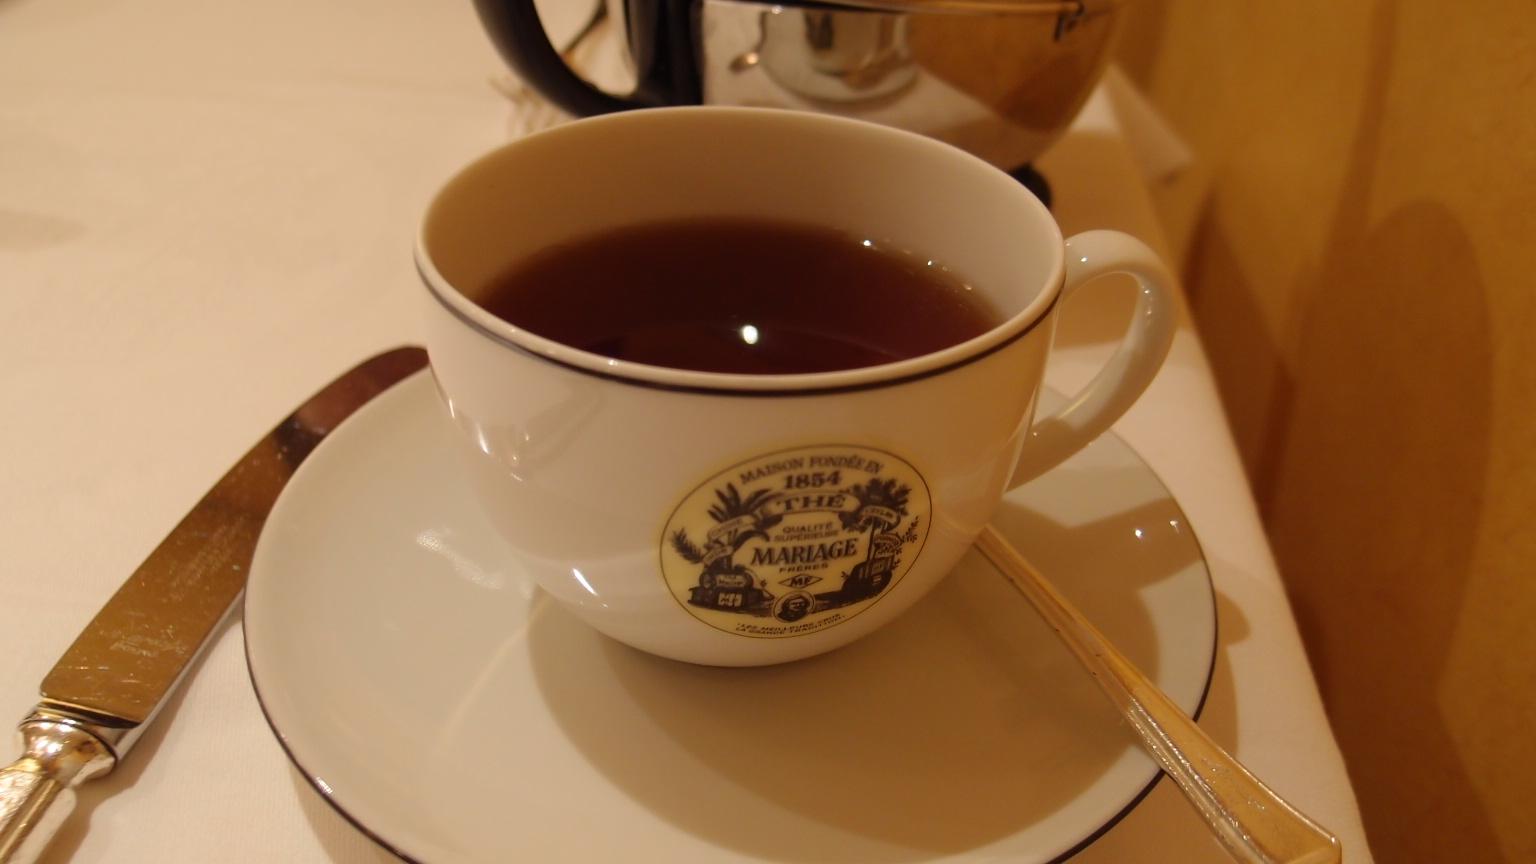 銀座 マリアージュ・フレール アールグレイ、ケーキ | 料理とお茶のランチコース